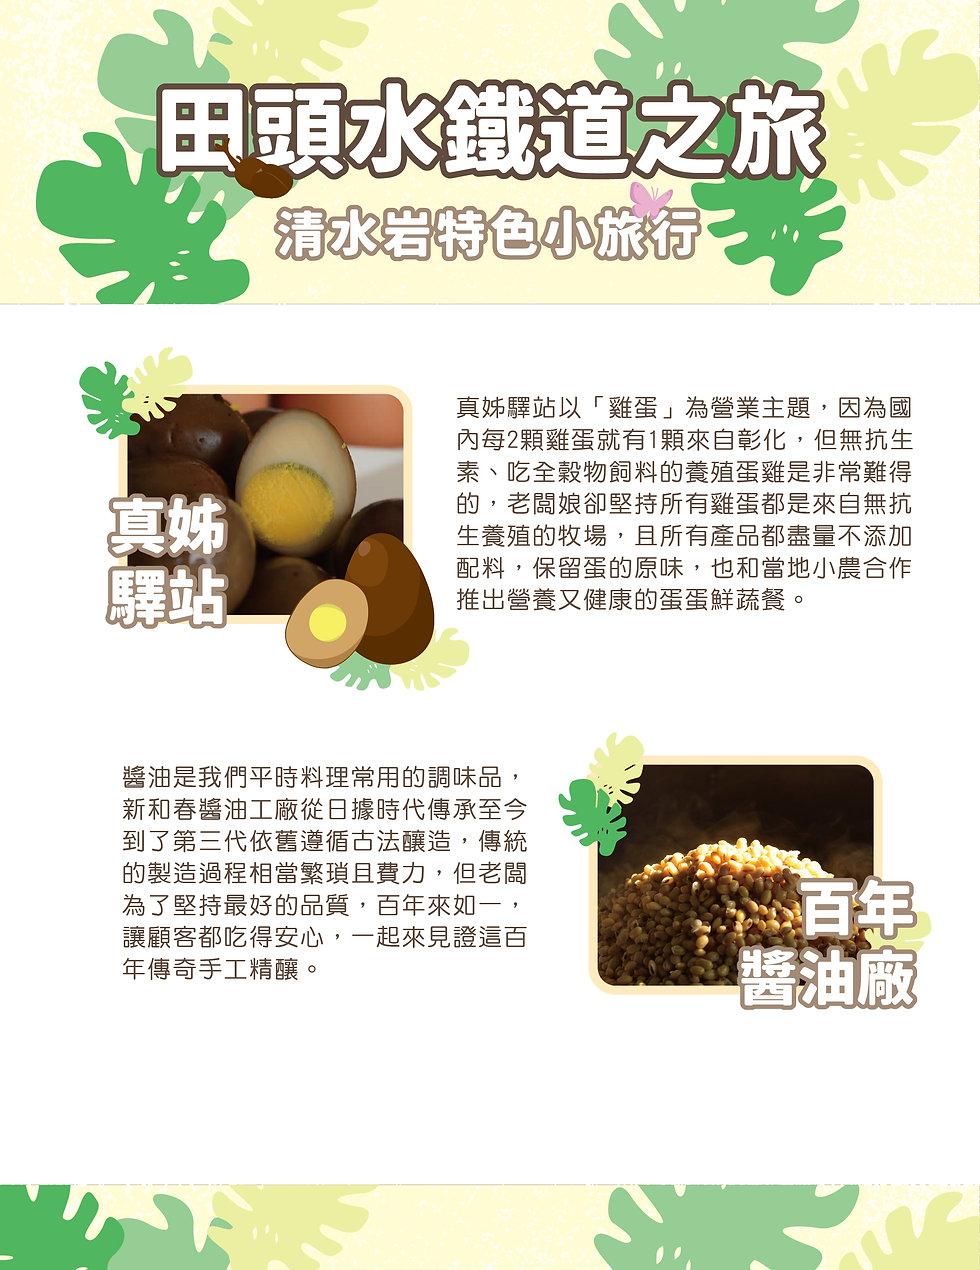 清水岩-1蟲林探險-05.jpg